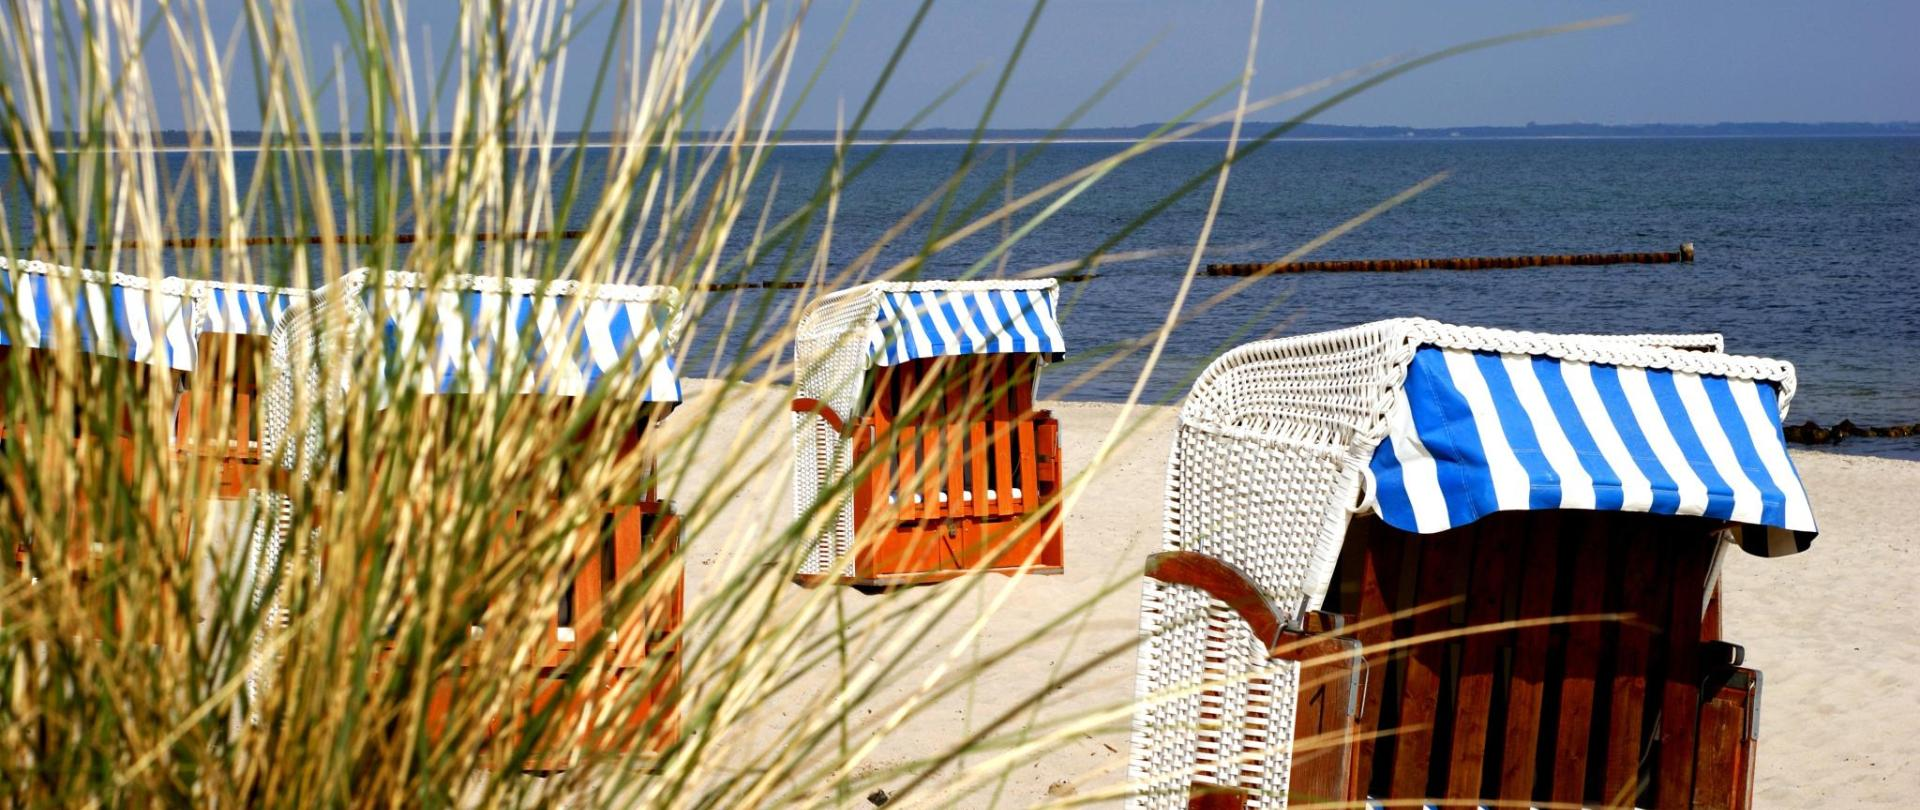 beach-223972.jpg